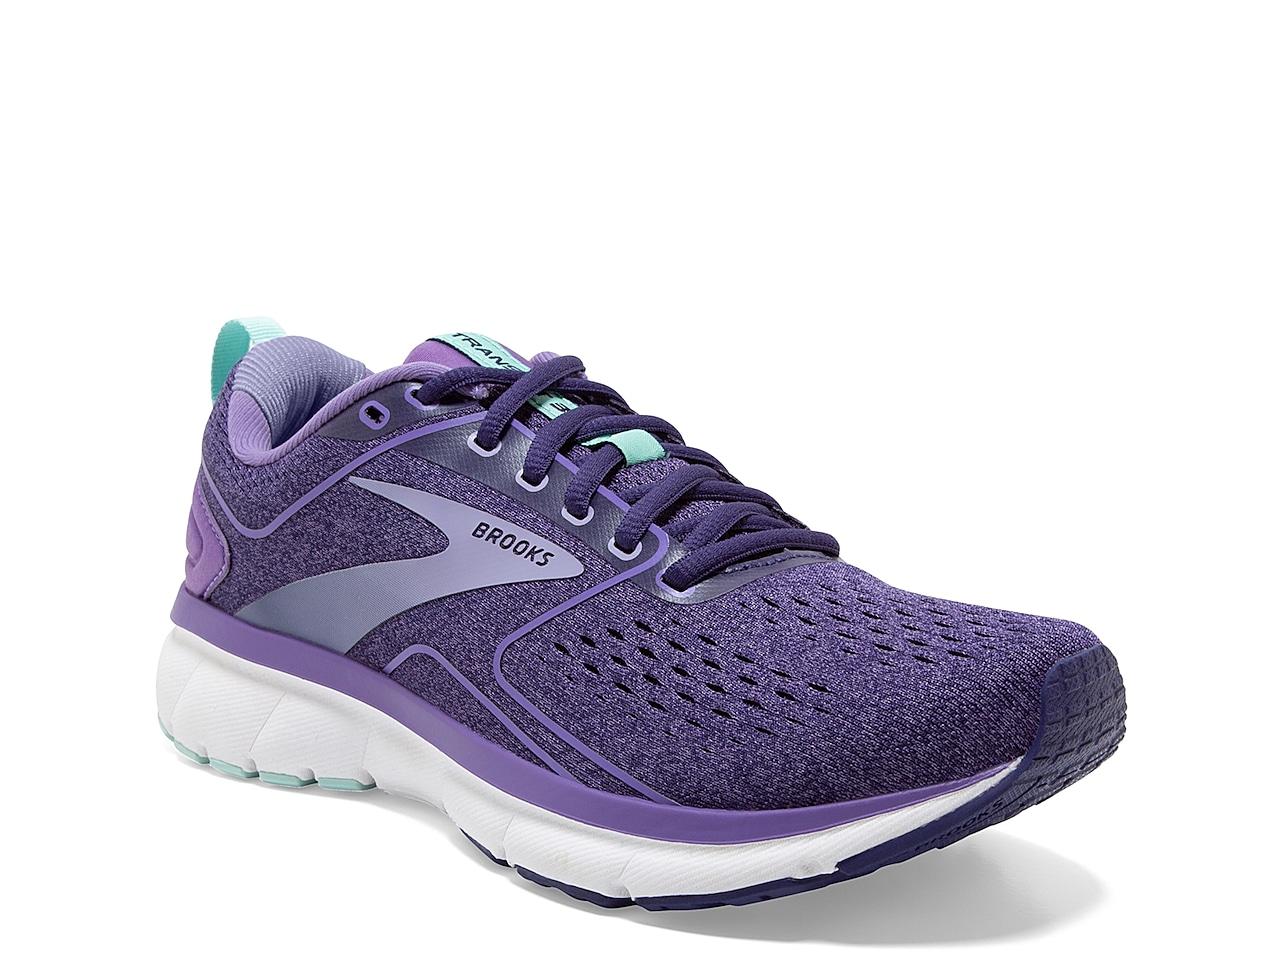 Brooks Transmit 3 Running Shoe - Women's